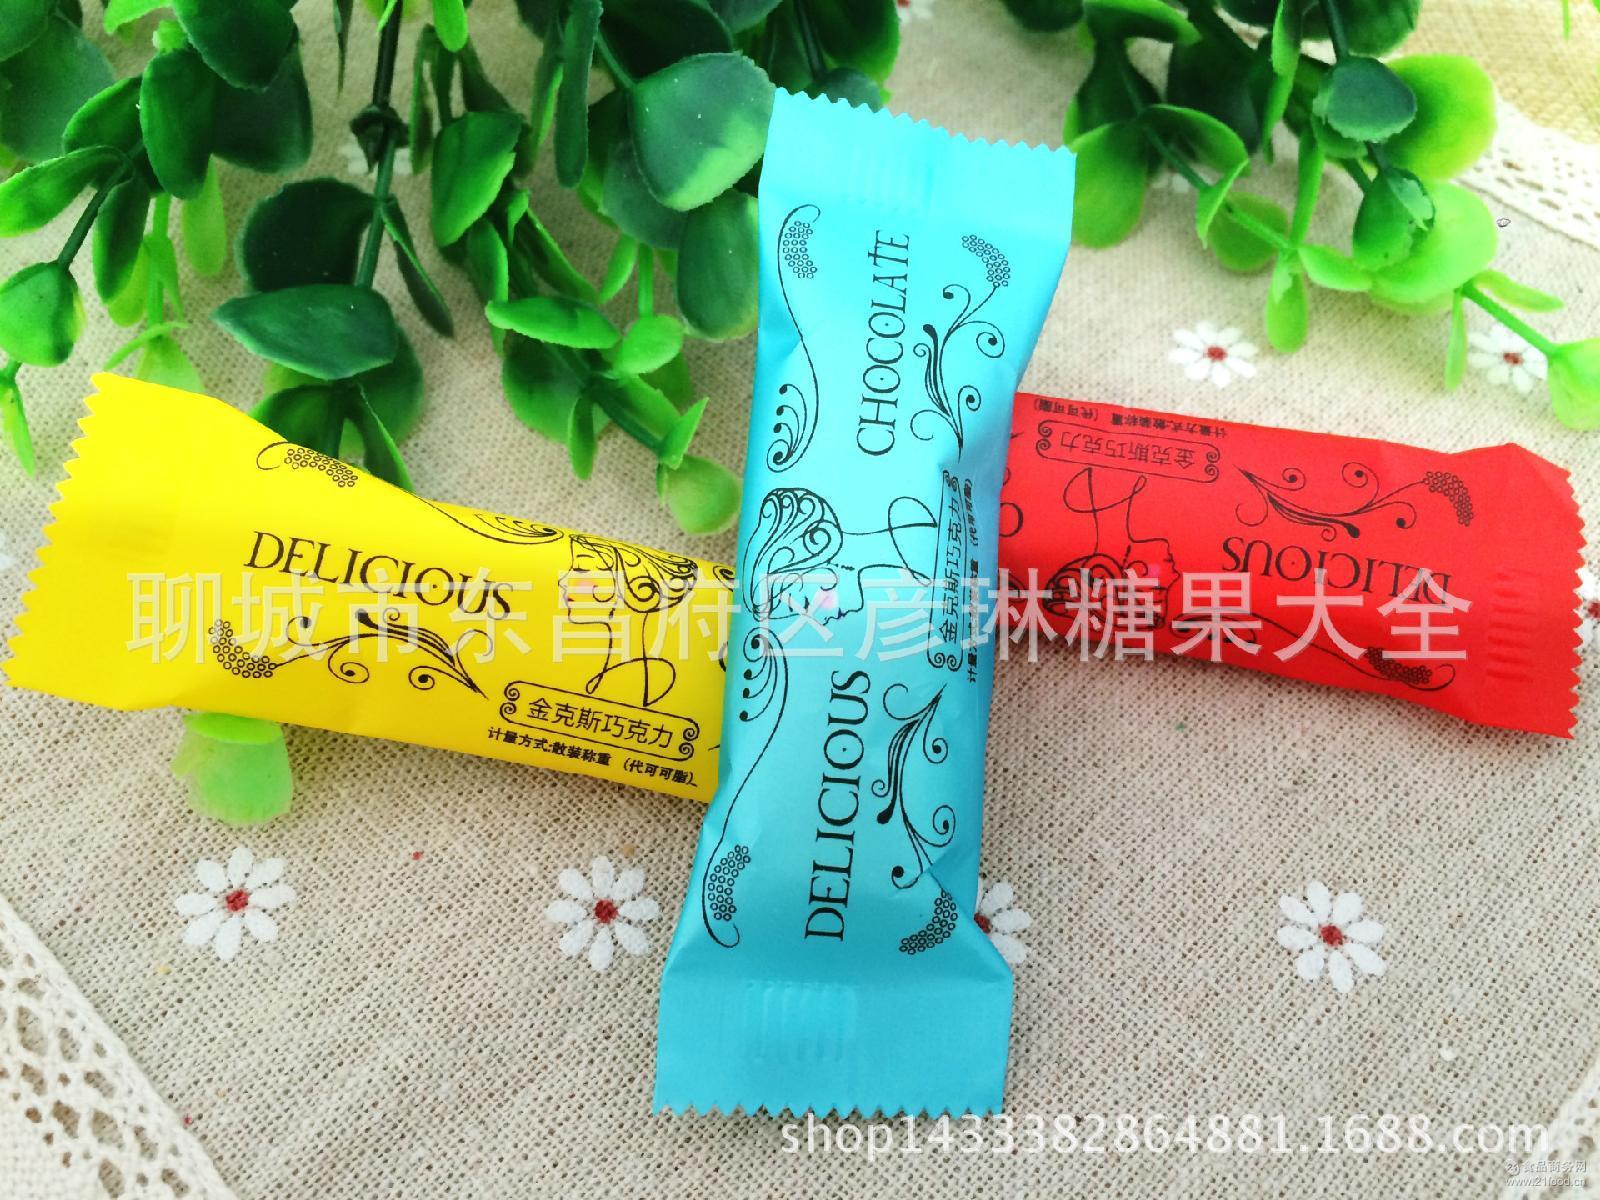 糖果 京特 金克斯 白巧克力糖散装称 结婚喜庆宴喜 年货*